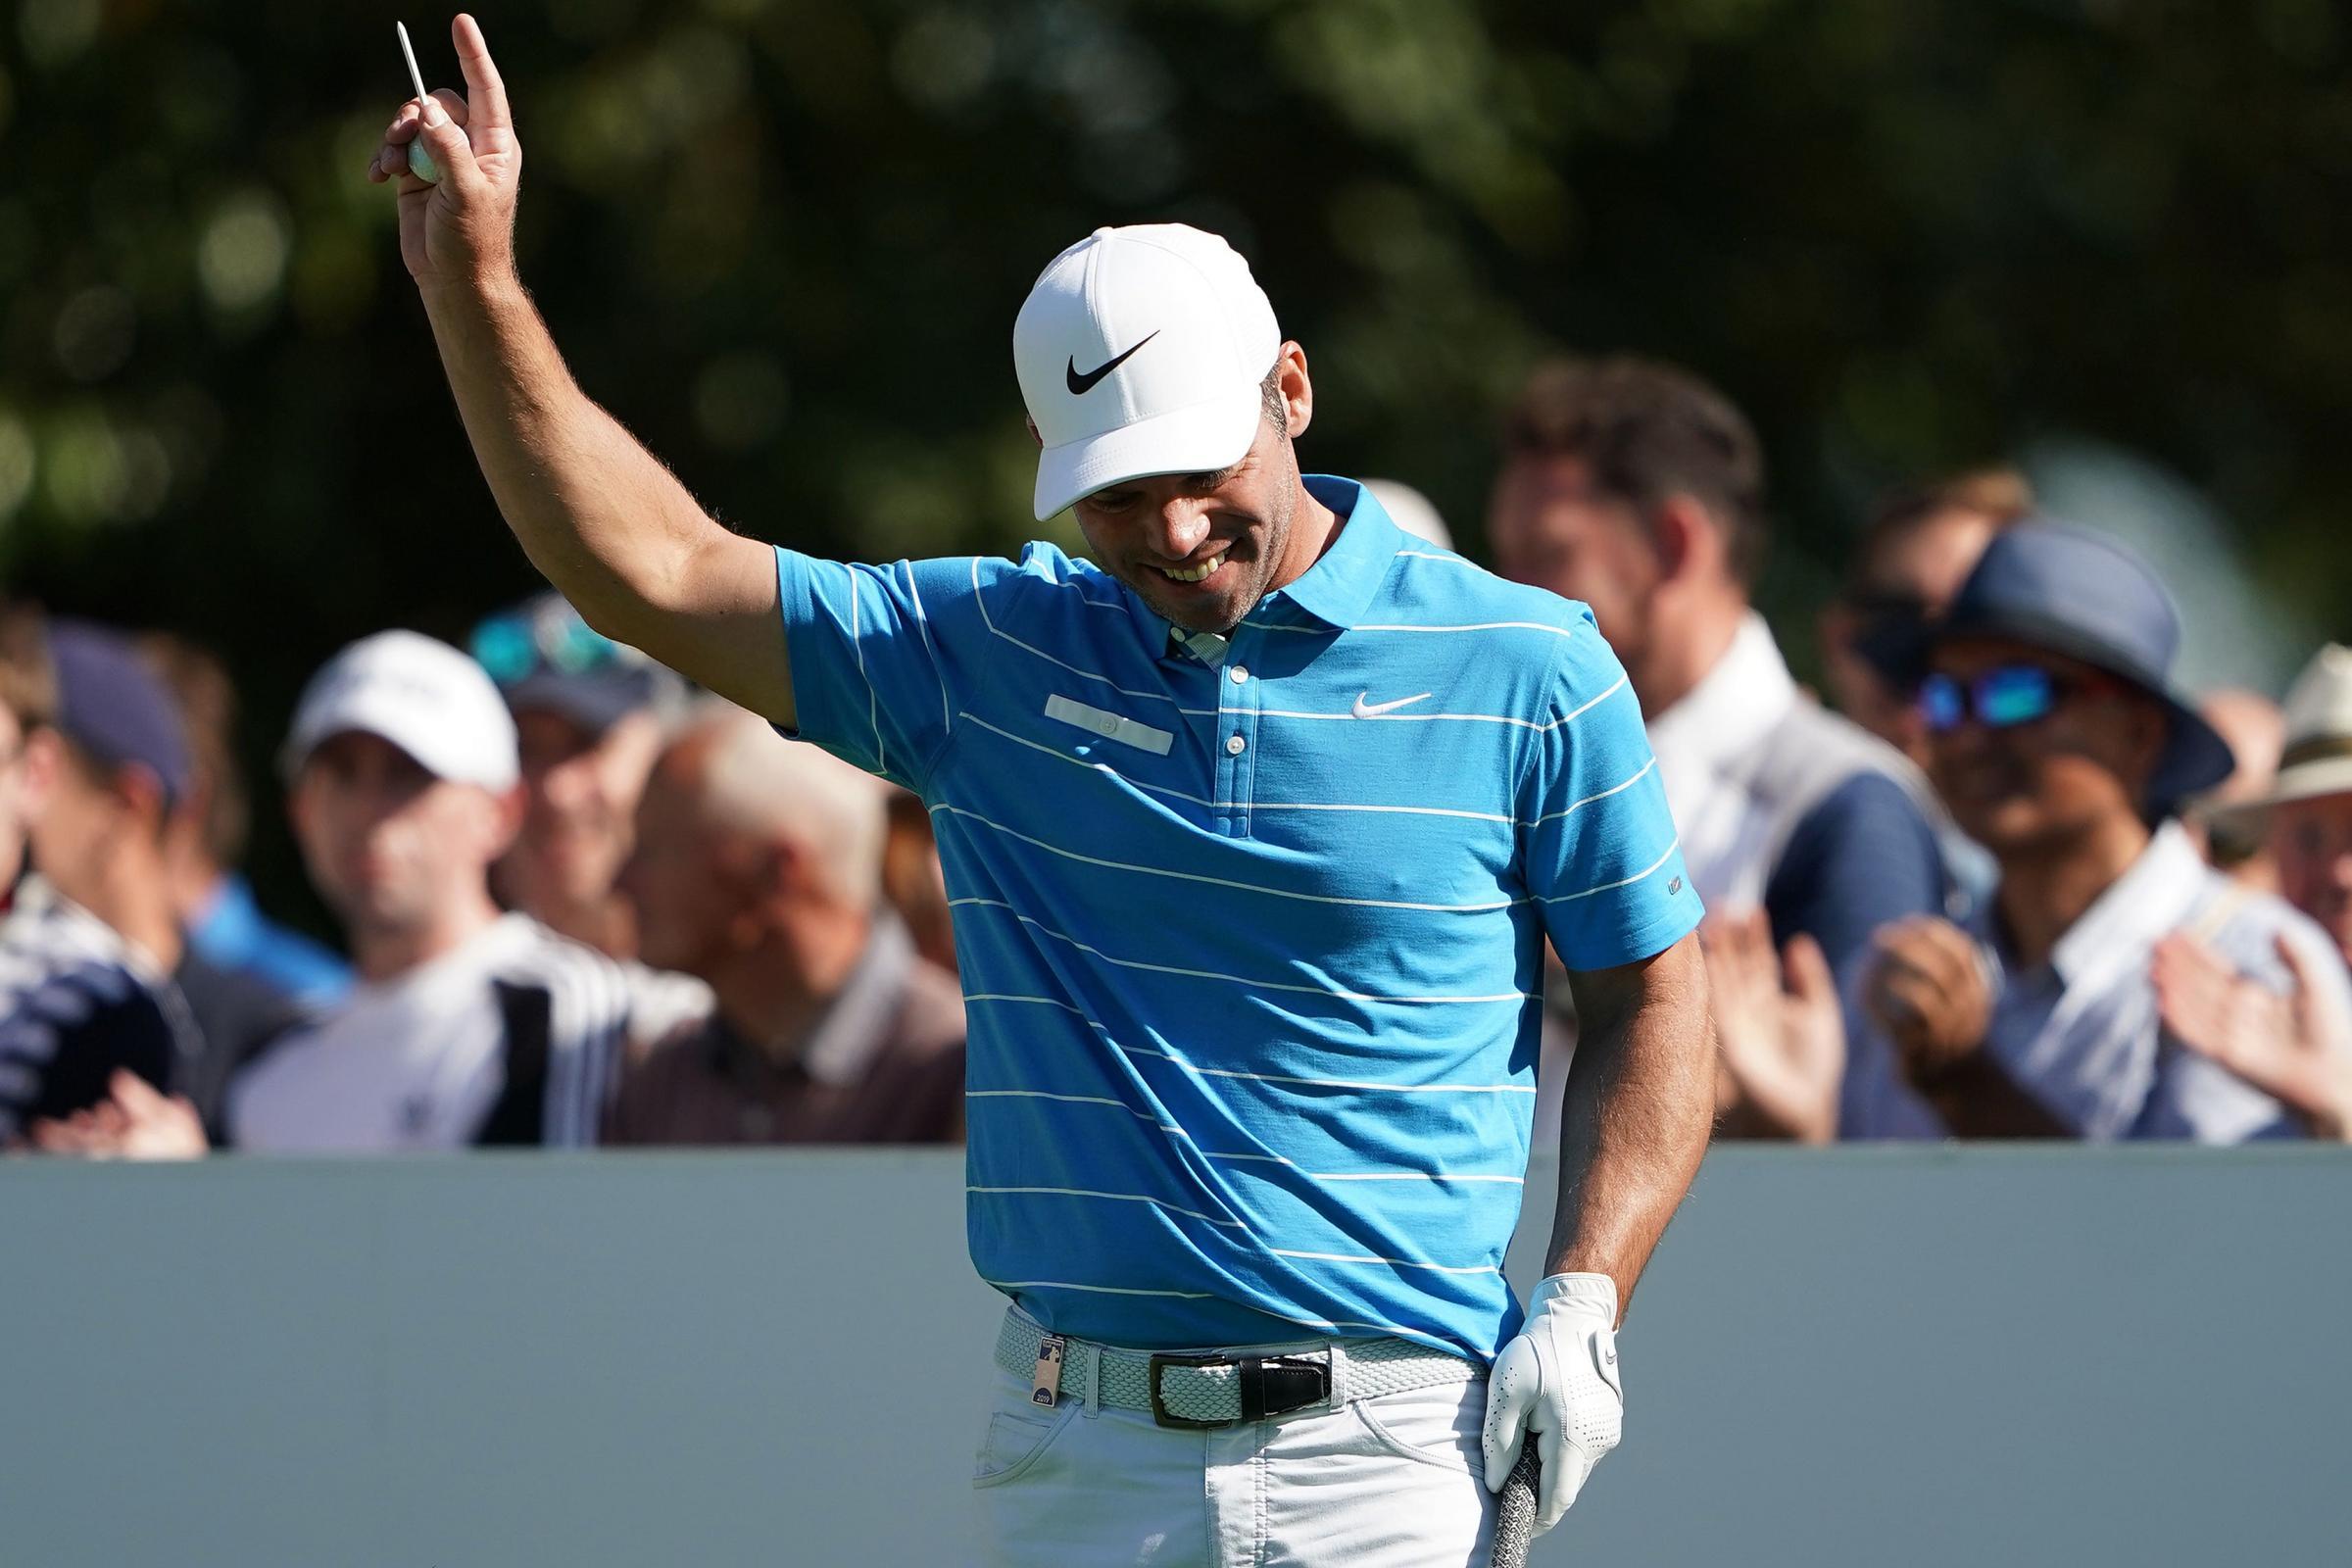 Ο Paul Casey απολαμβάνει ξανά το γκολφ καθώς κερδίζει τη νίκη του Dubai Desert Classic